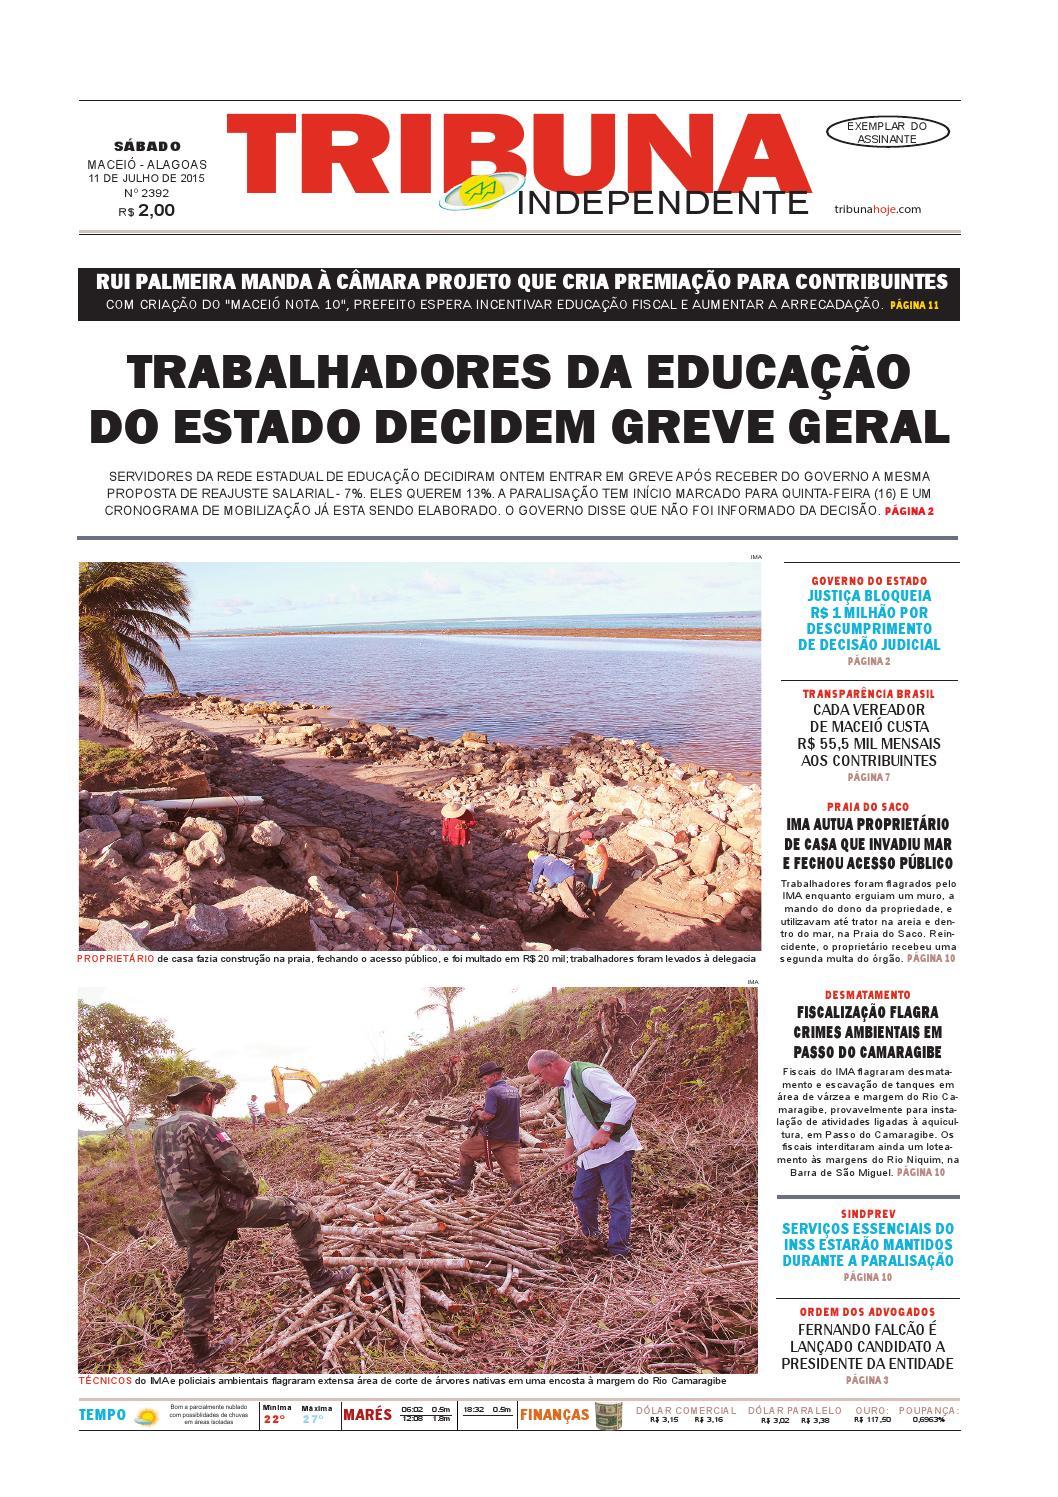 70677fc9e67 Edição número 2392 - 11 de julho de 2015 by Tribuna Hoje - issuu